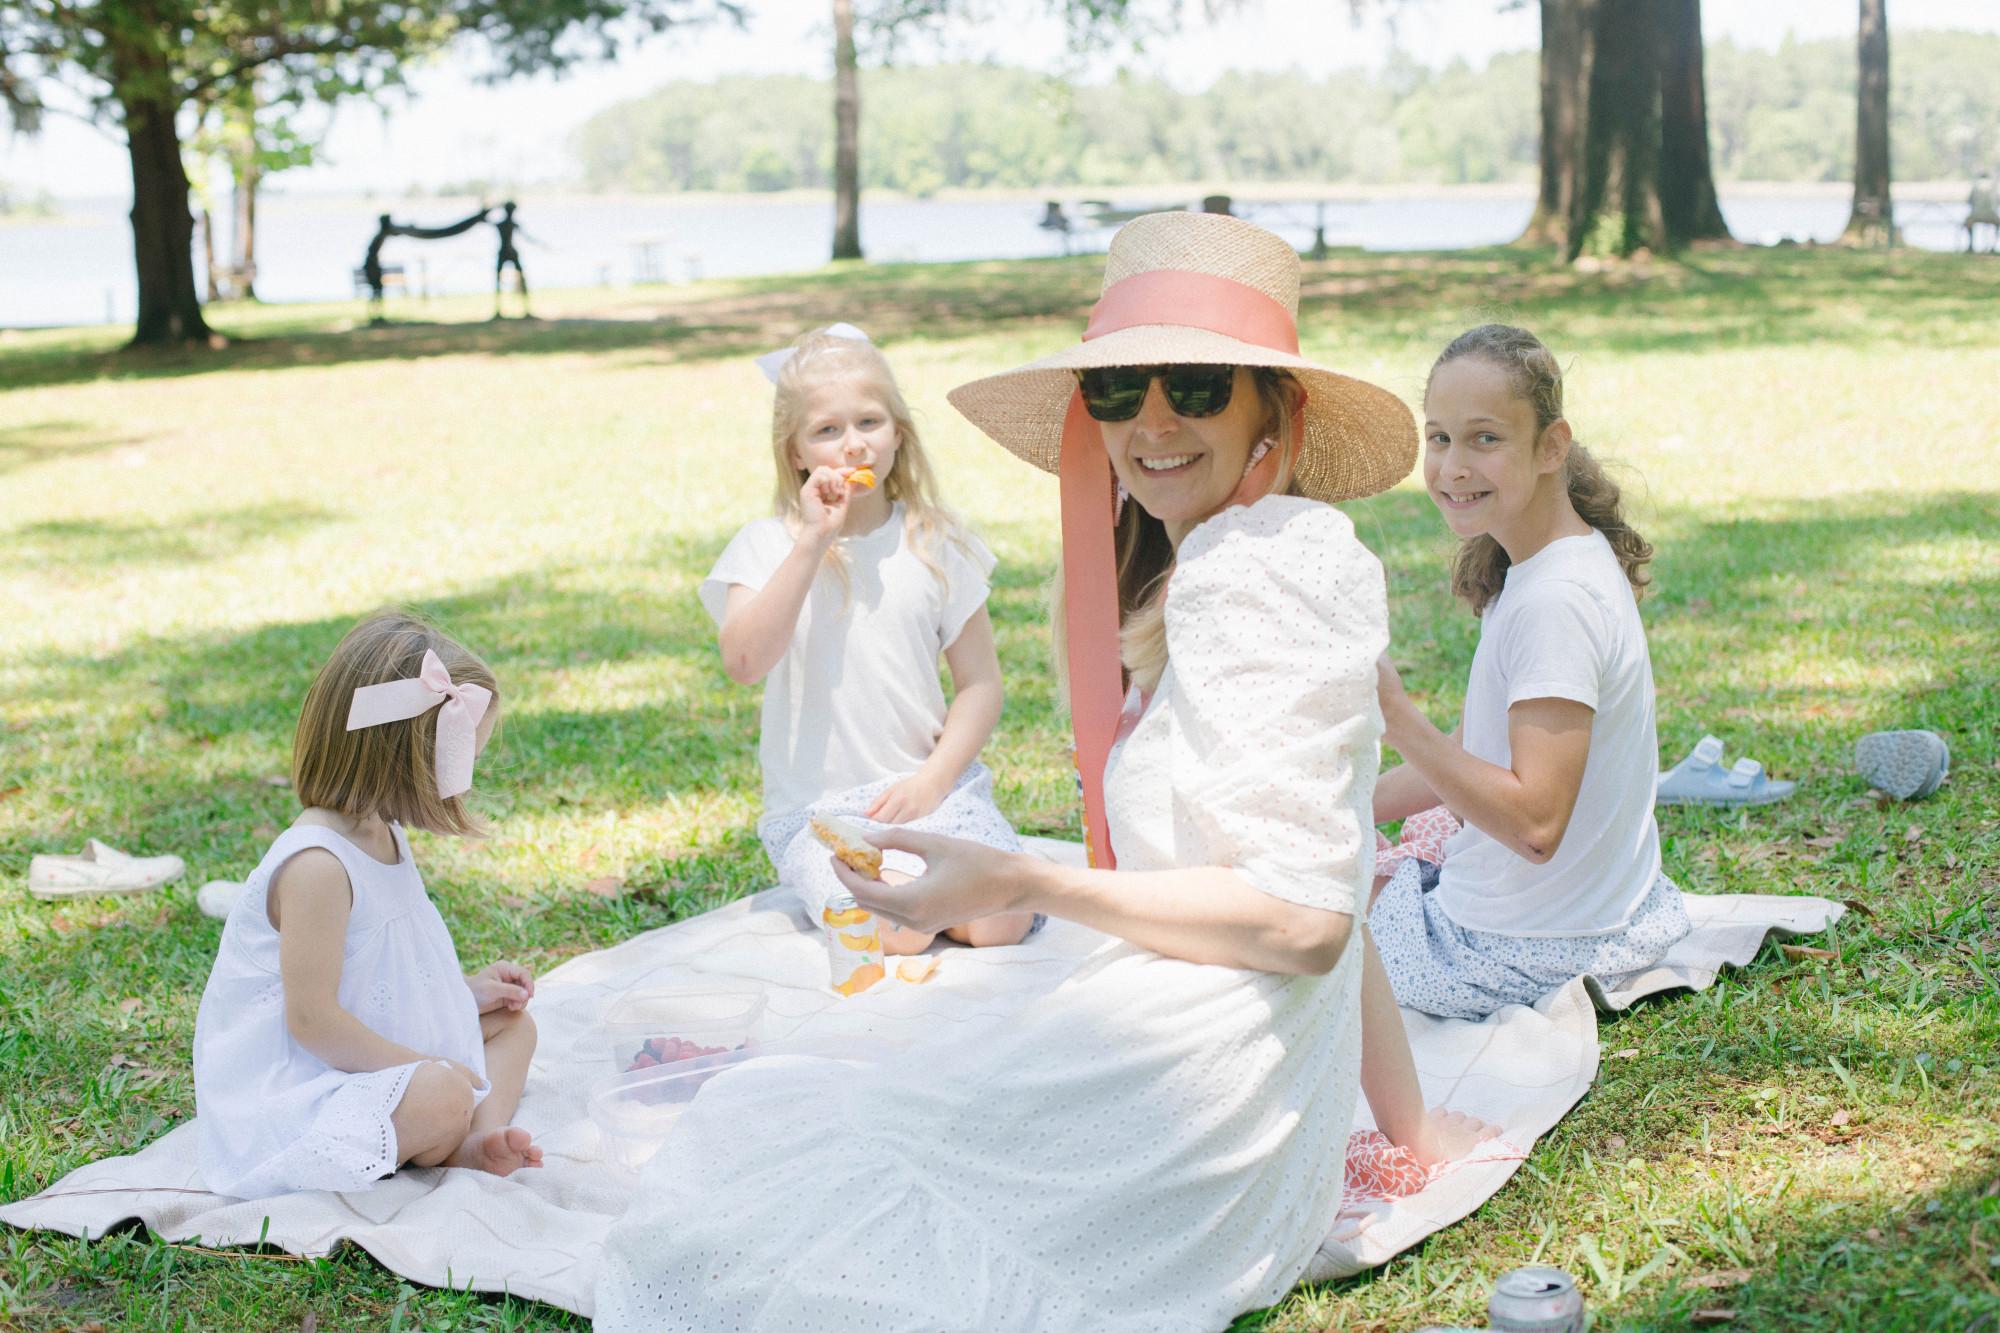 eden gardens picnic